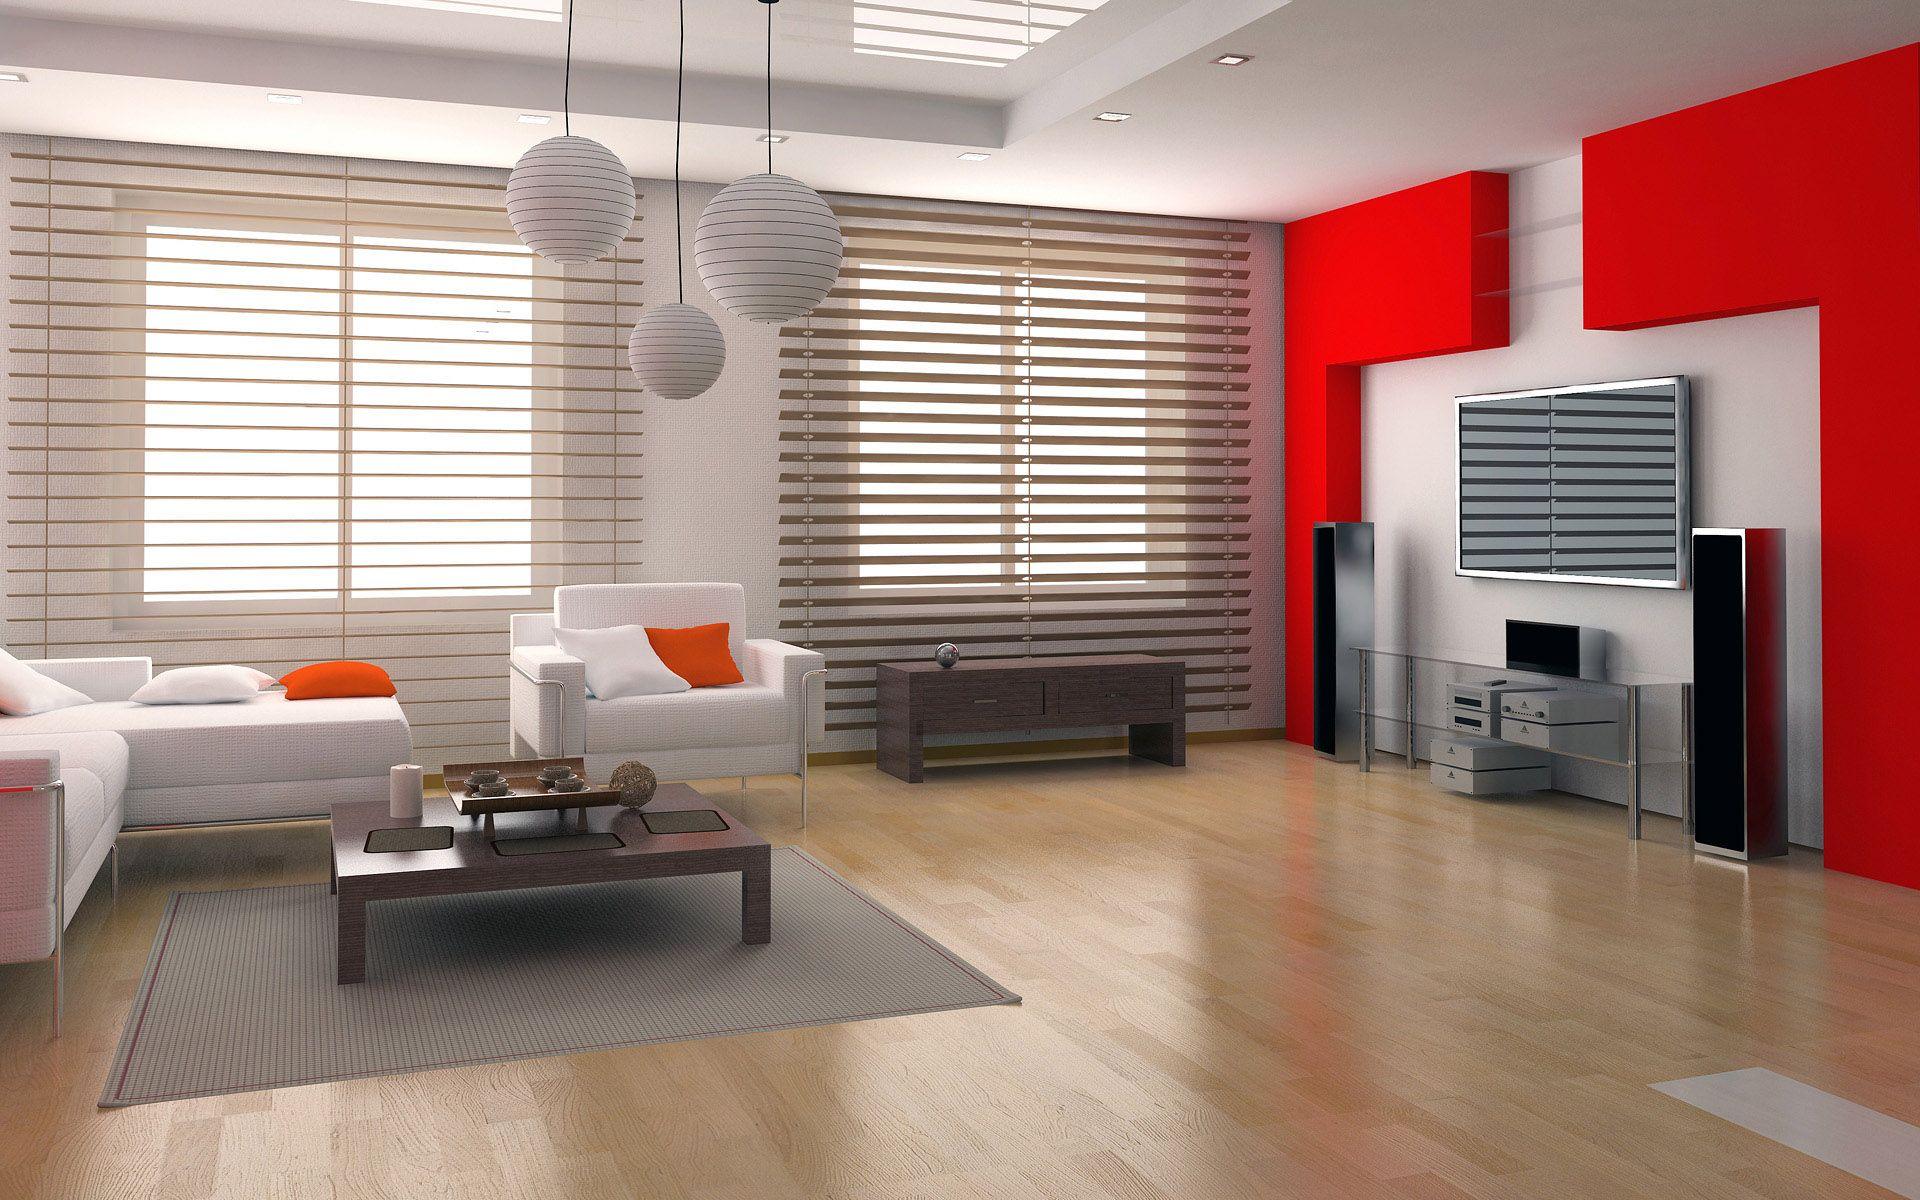 Décoration Moderne Avec Une Touche De Couleur Rouge Mo